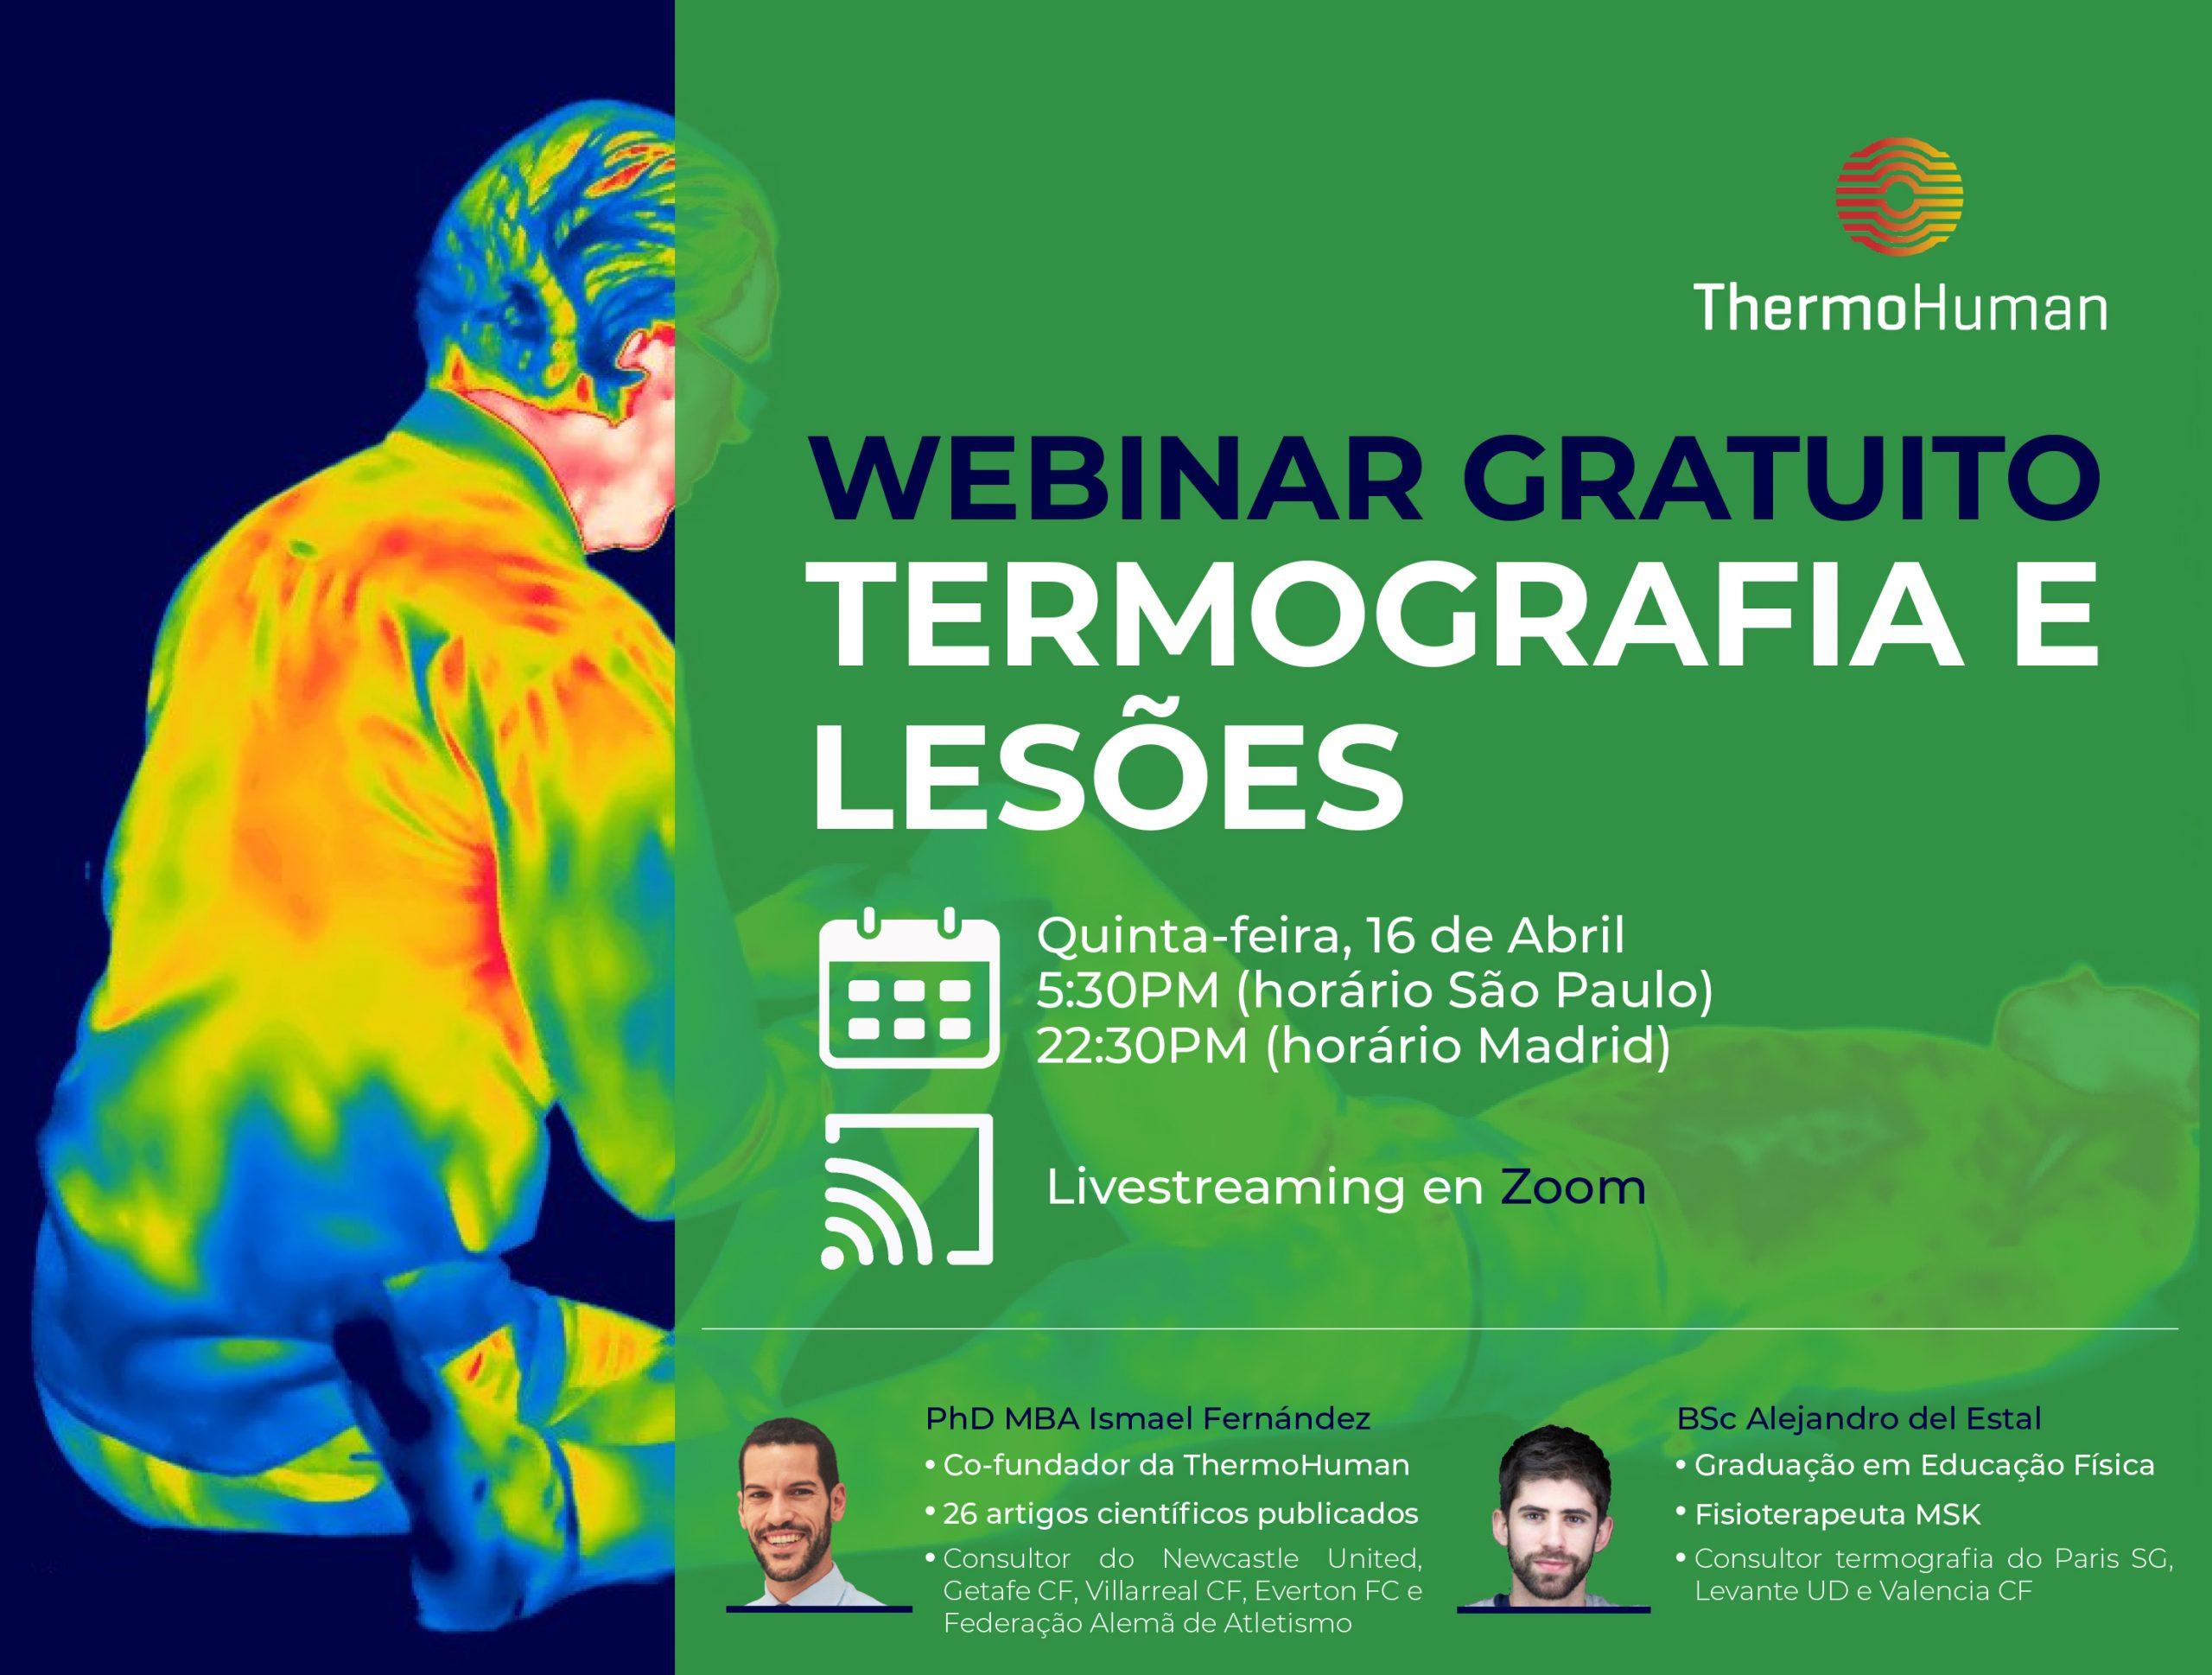 Webinar gratuito en portugués «Termografia e lesões»